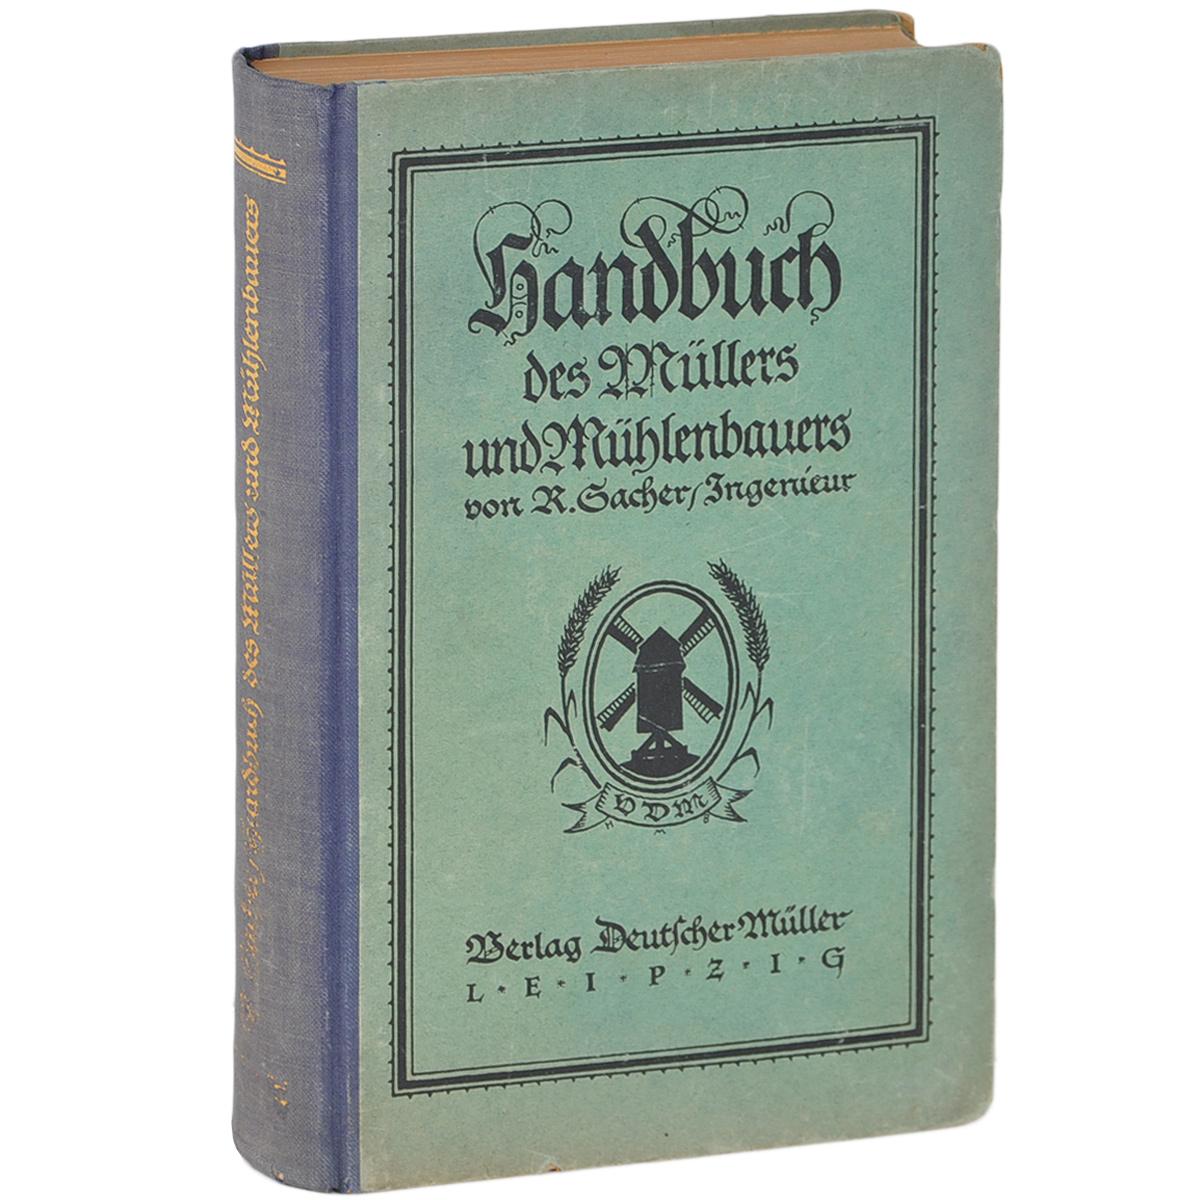 R. Gacher Handbuch des Mullers und Muhlenbauers